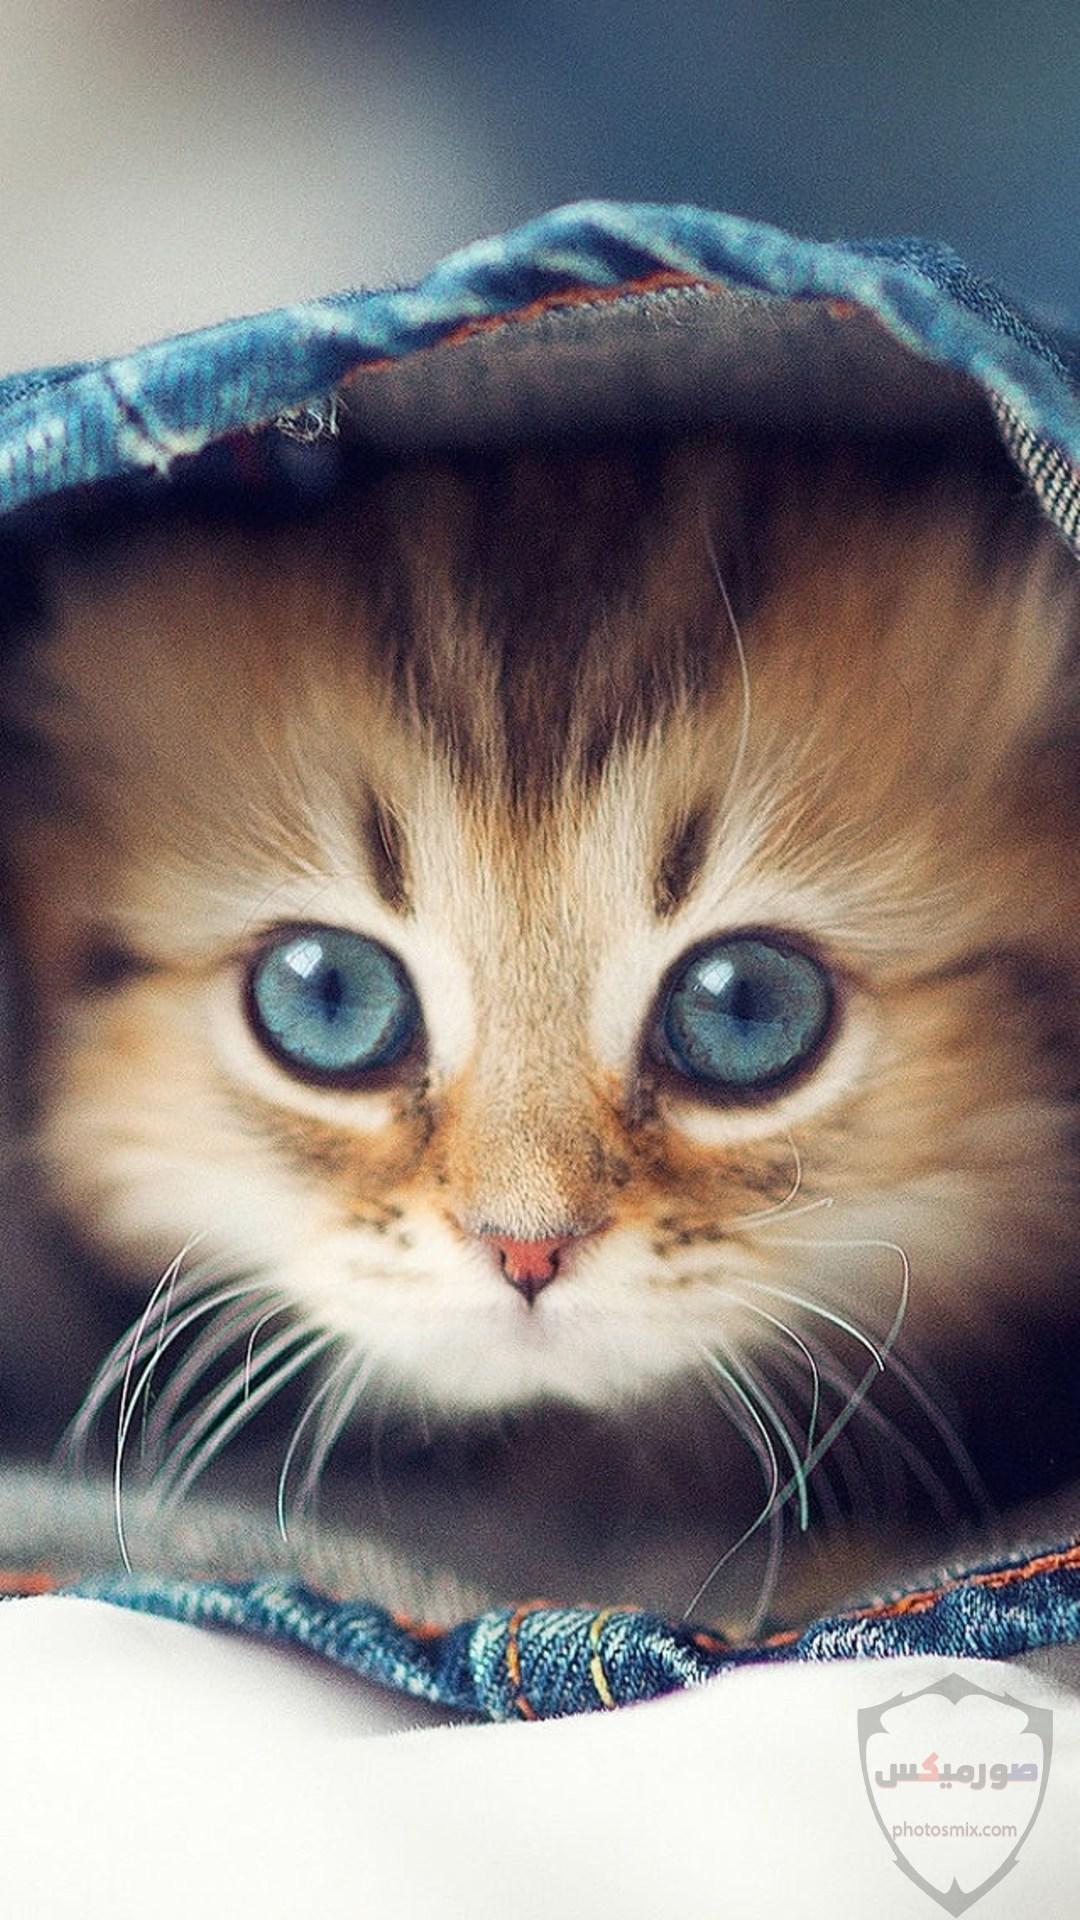 صور خلفيات رمزيات قطط كيوت صورة قطة كيوت جدا 32